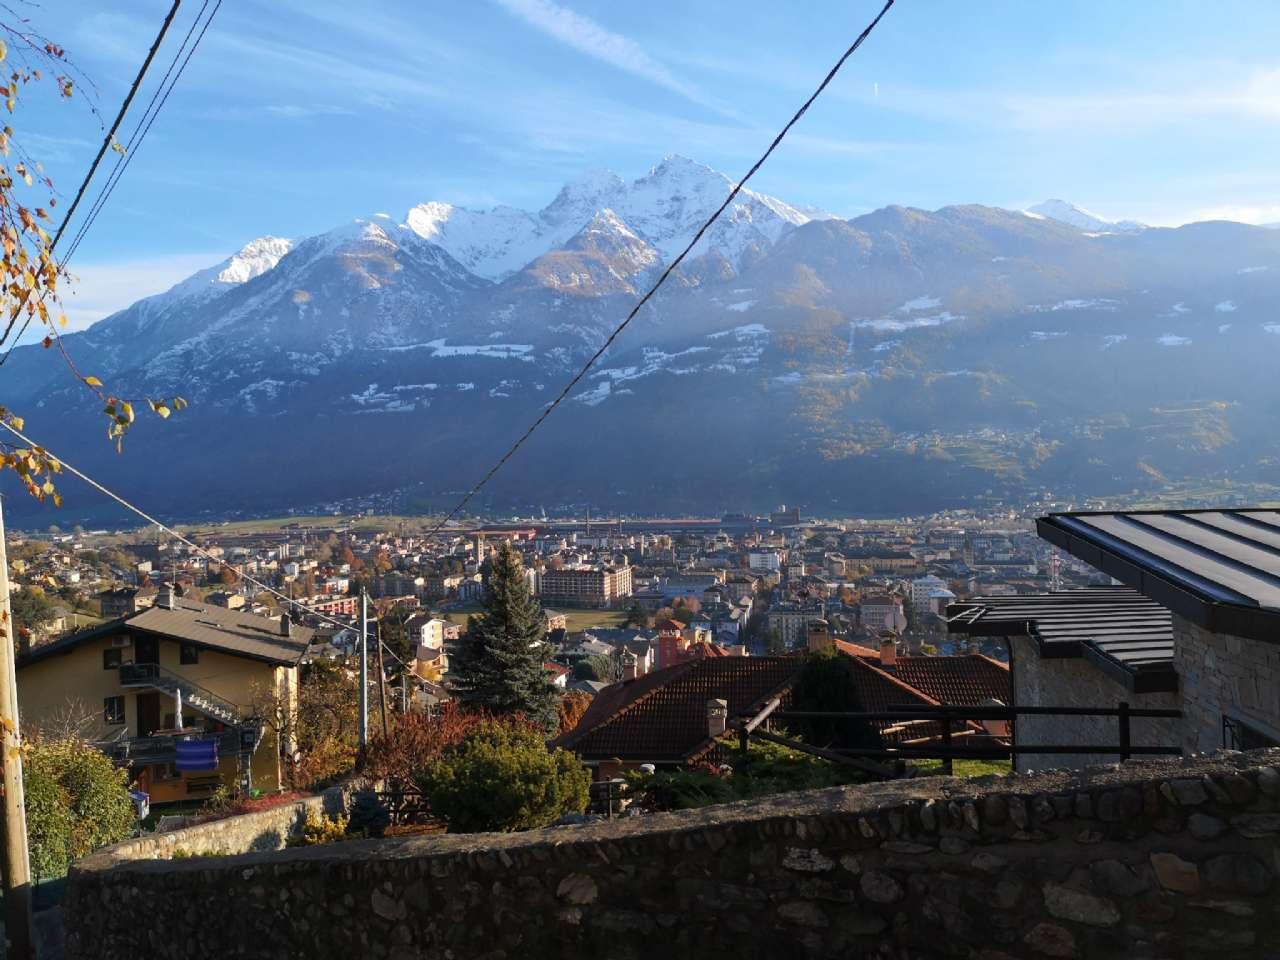 Villa Unifamiliare in Vendita a Aosta